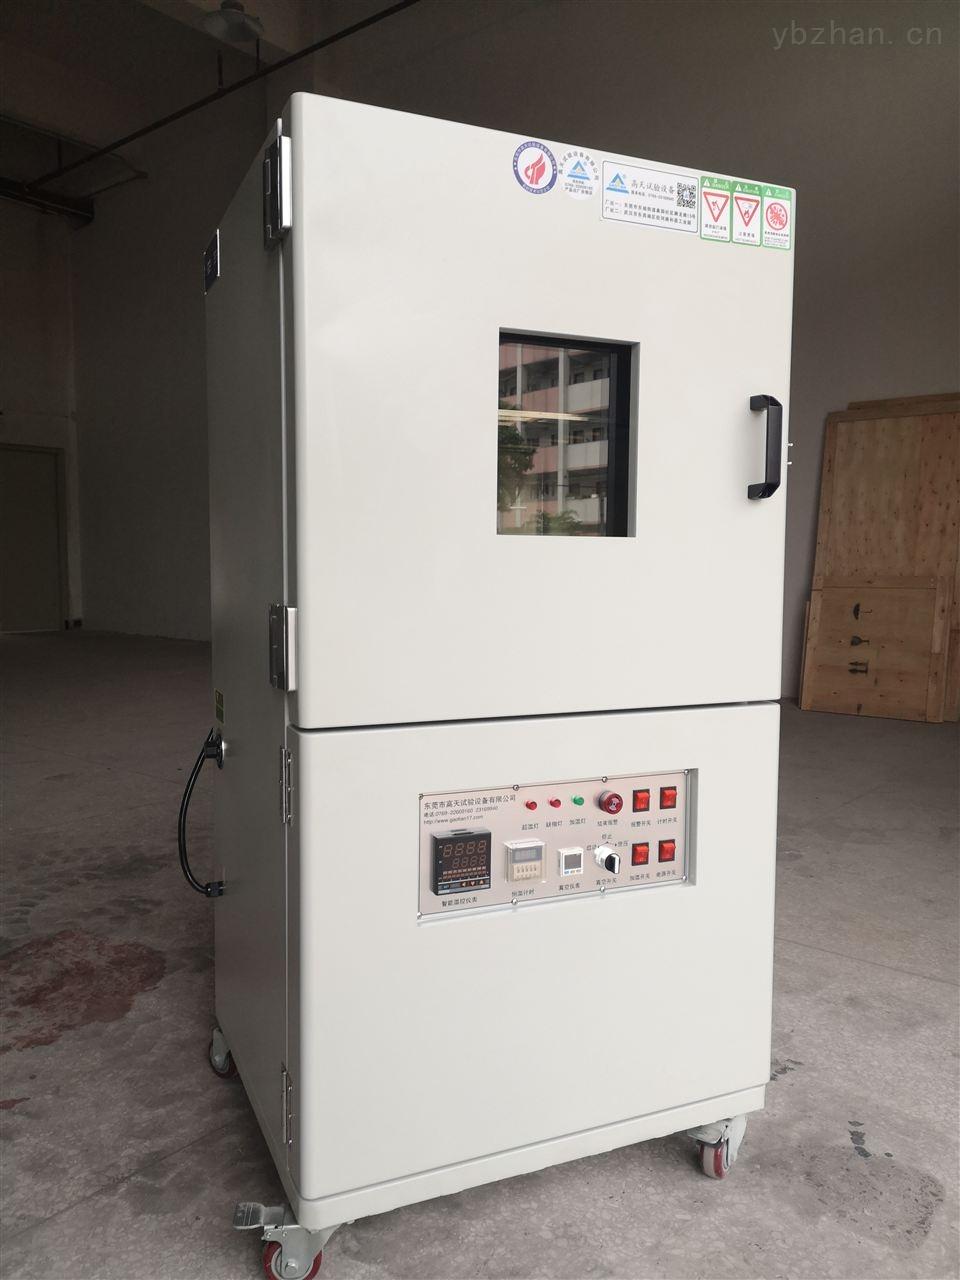 高溫試驗箱真空烤箱專業生產廠家